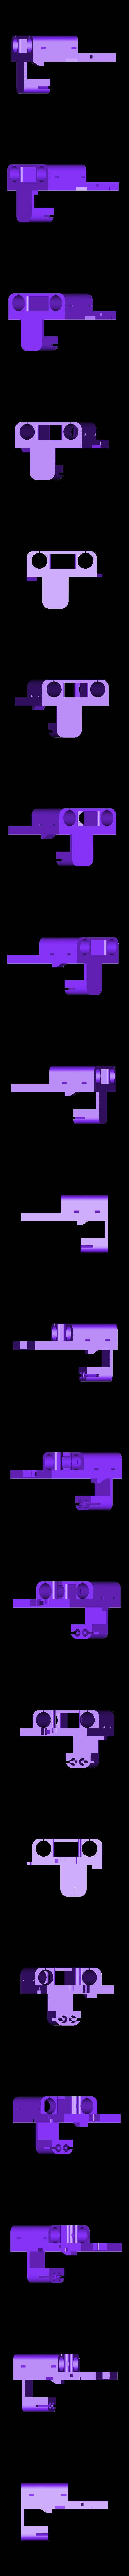 RaftMount.STL Télécharger fichier STL gratuit Machine à dessiner CNC facile à imprimer en 3D - Dessinez sur des gâteaux, des téléphones, du papier, des chemises   Traceur Arduino GRBL • Modèle pour imprimante 3D, DIYMachines